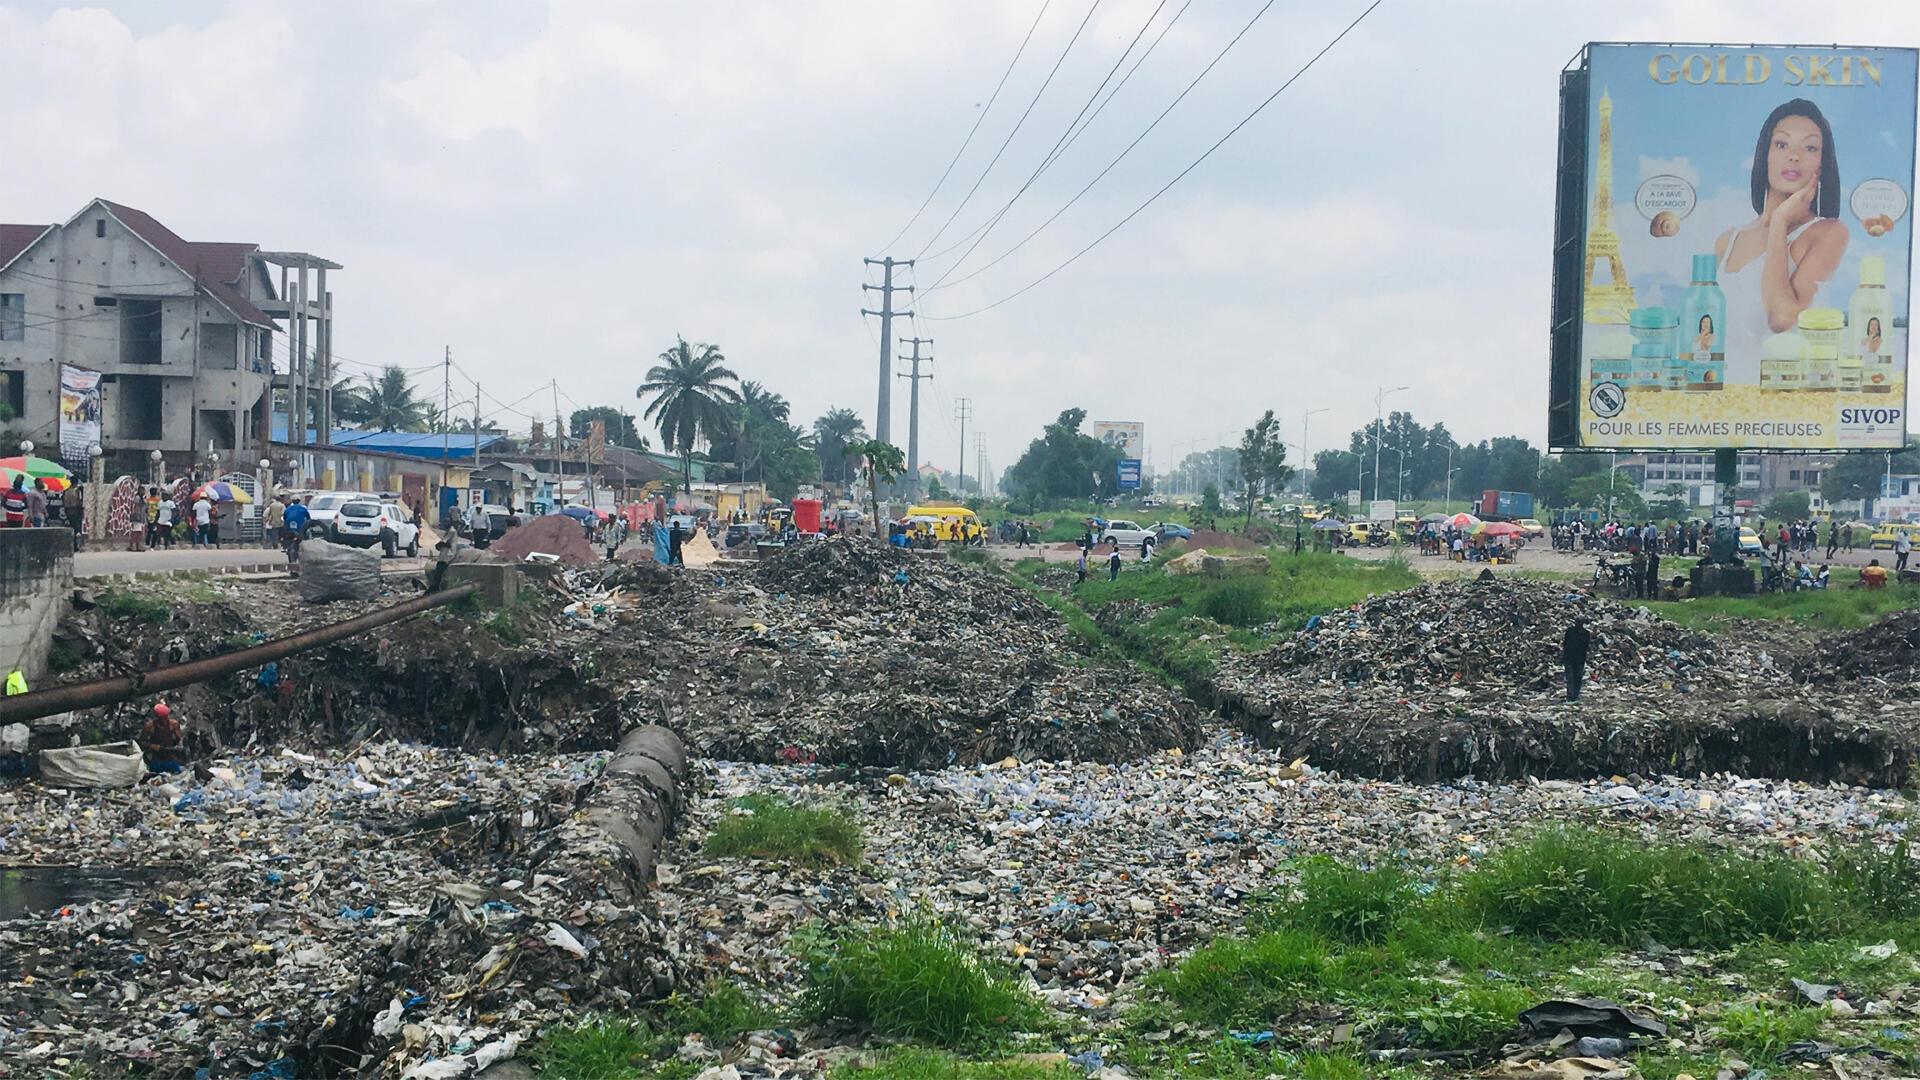 Kinshasa, mégalopole de plus de 12 millions d'habitants, voit ses rivières transformées en décharges à ciel ouvert.